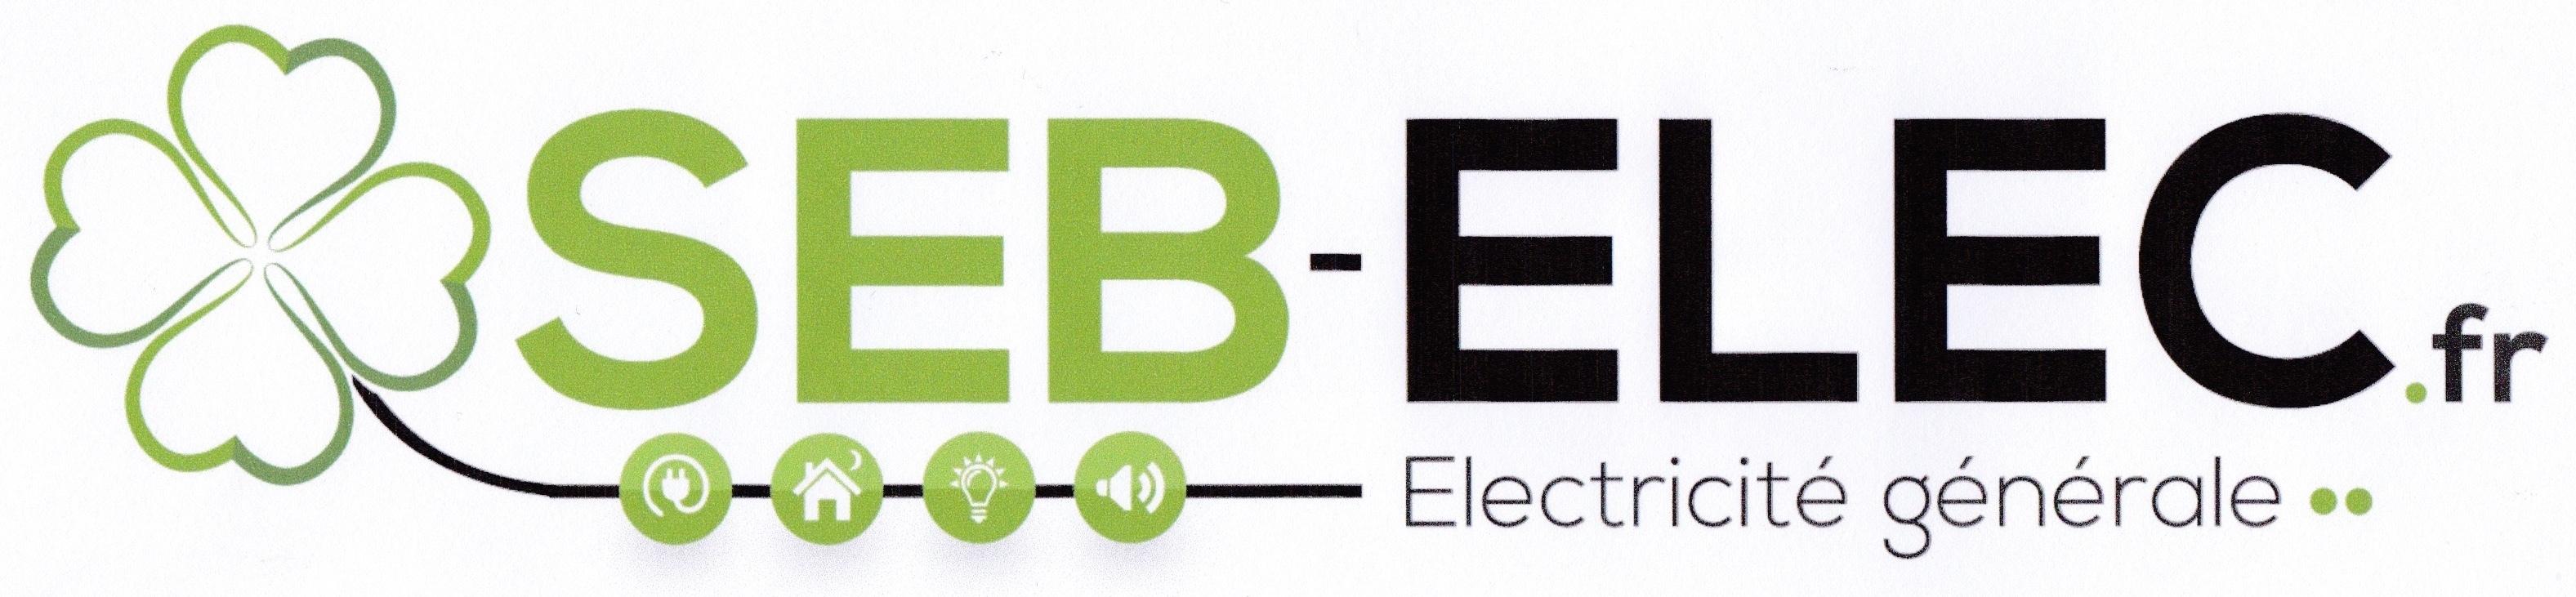 sebelec logo